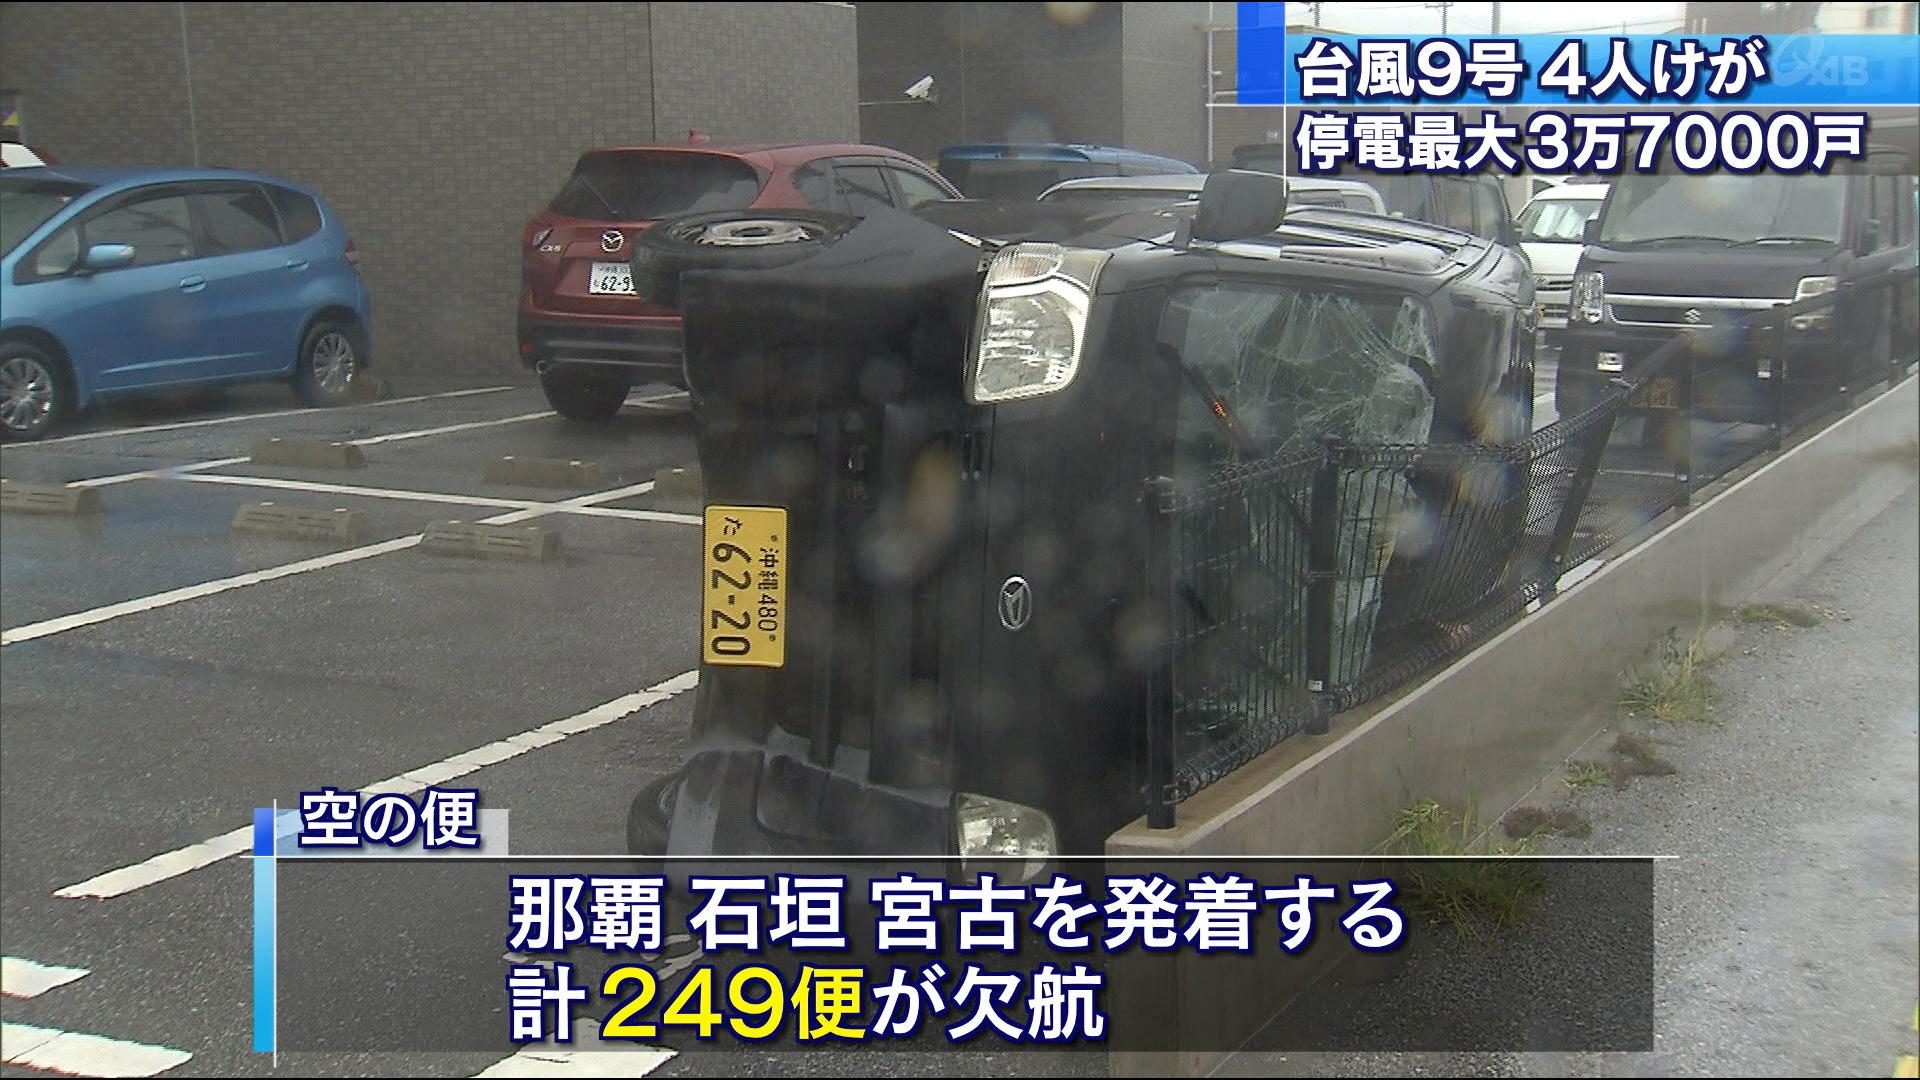 台風9号 4人けが 停電最大3万7000戸